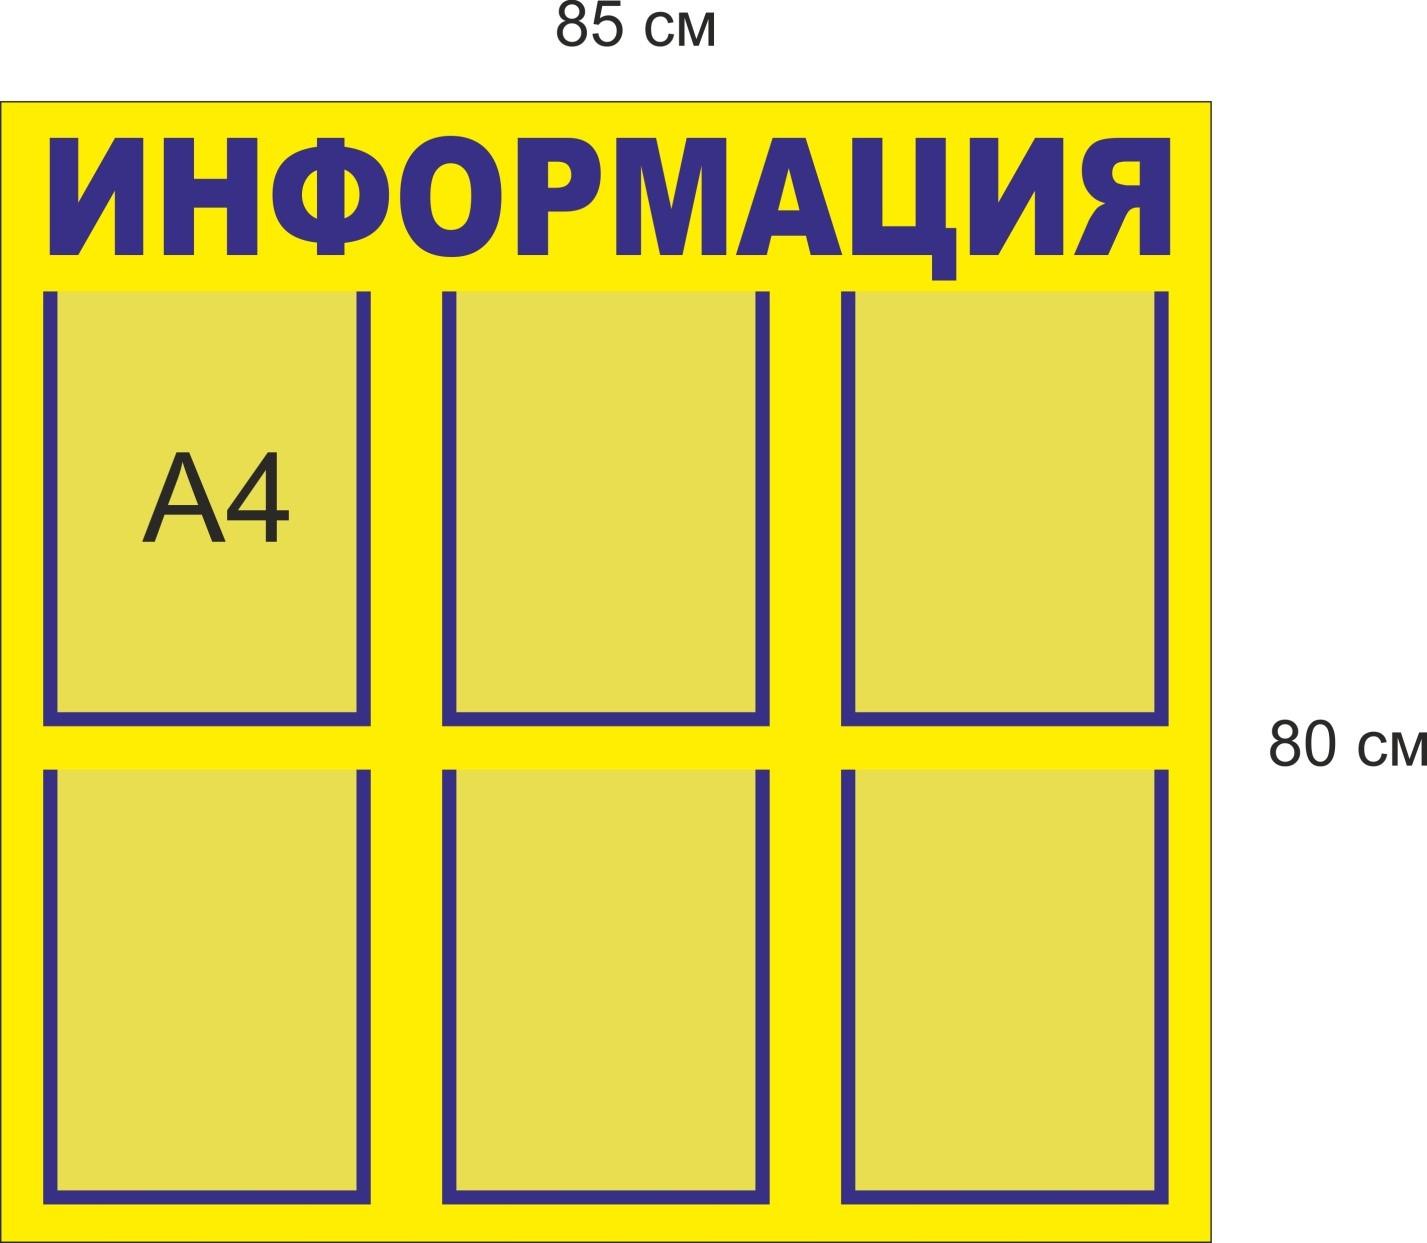 Наружная реклама. Изготовление лайтбоксов в Киеве